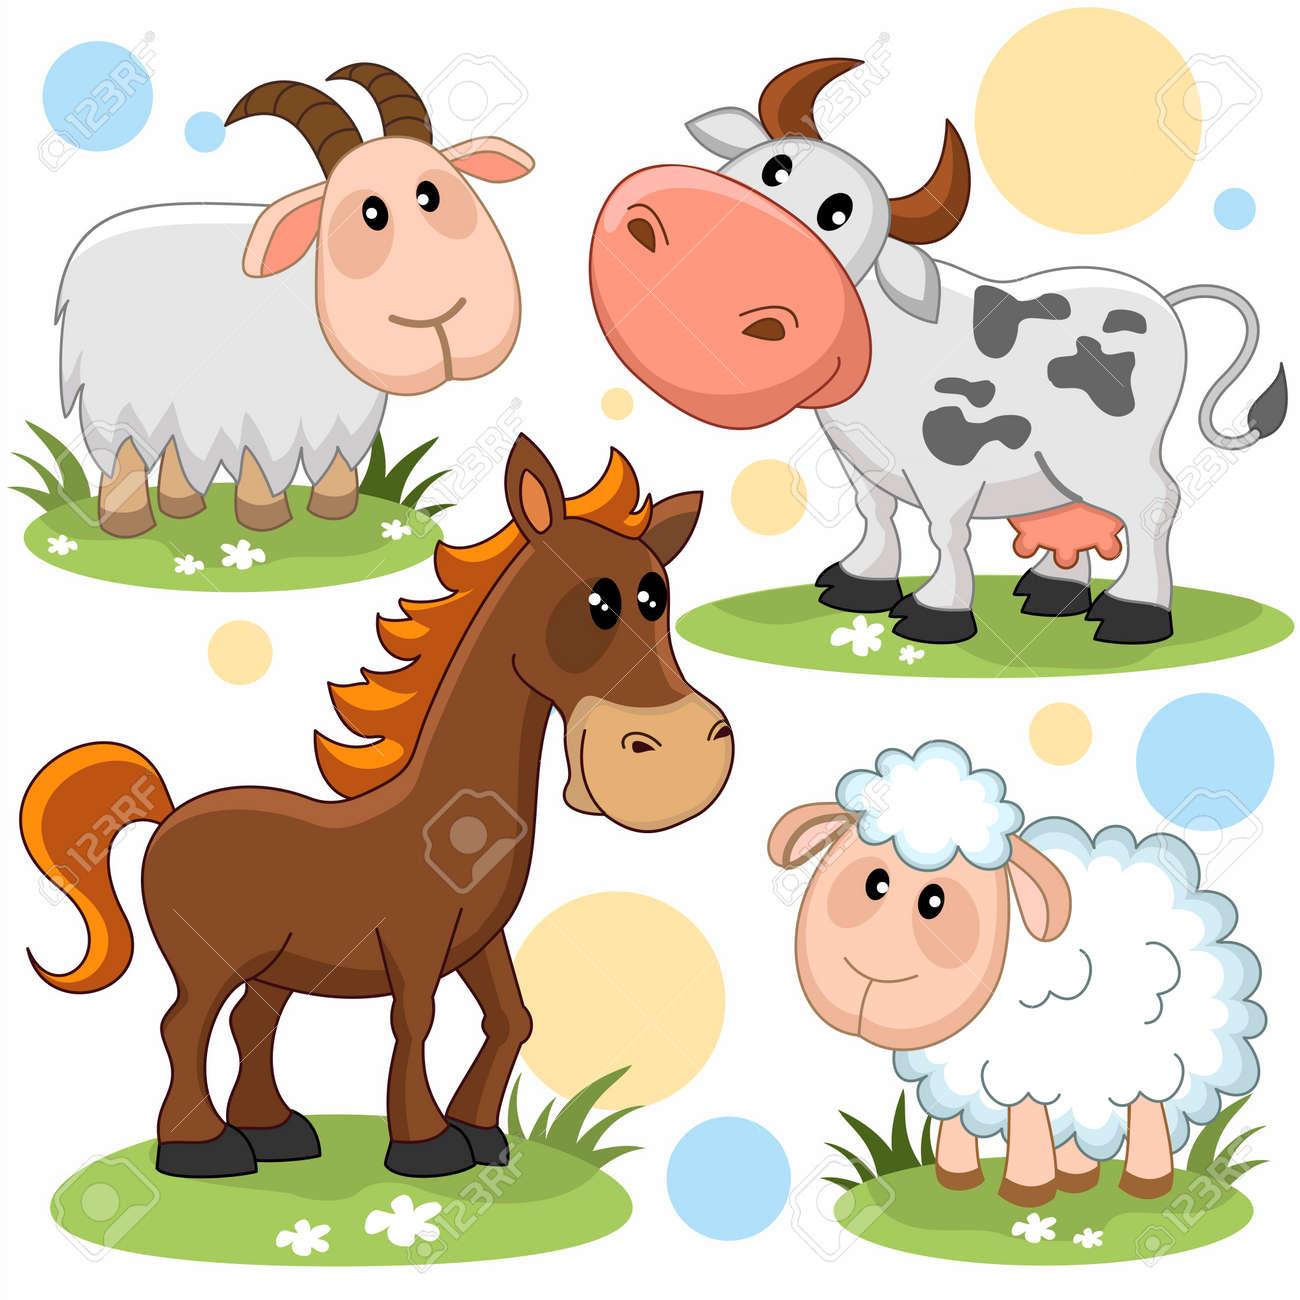 Conjunto De Imágenes De Dibujos Animados Con Animales Para Niños